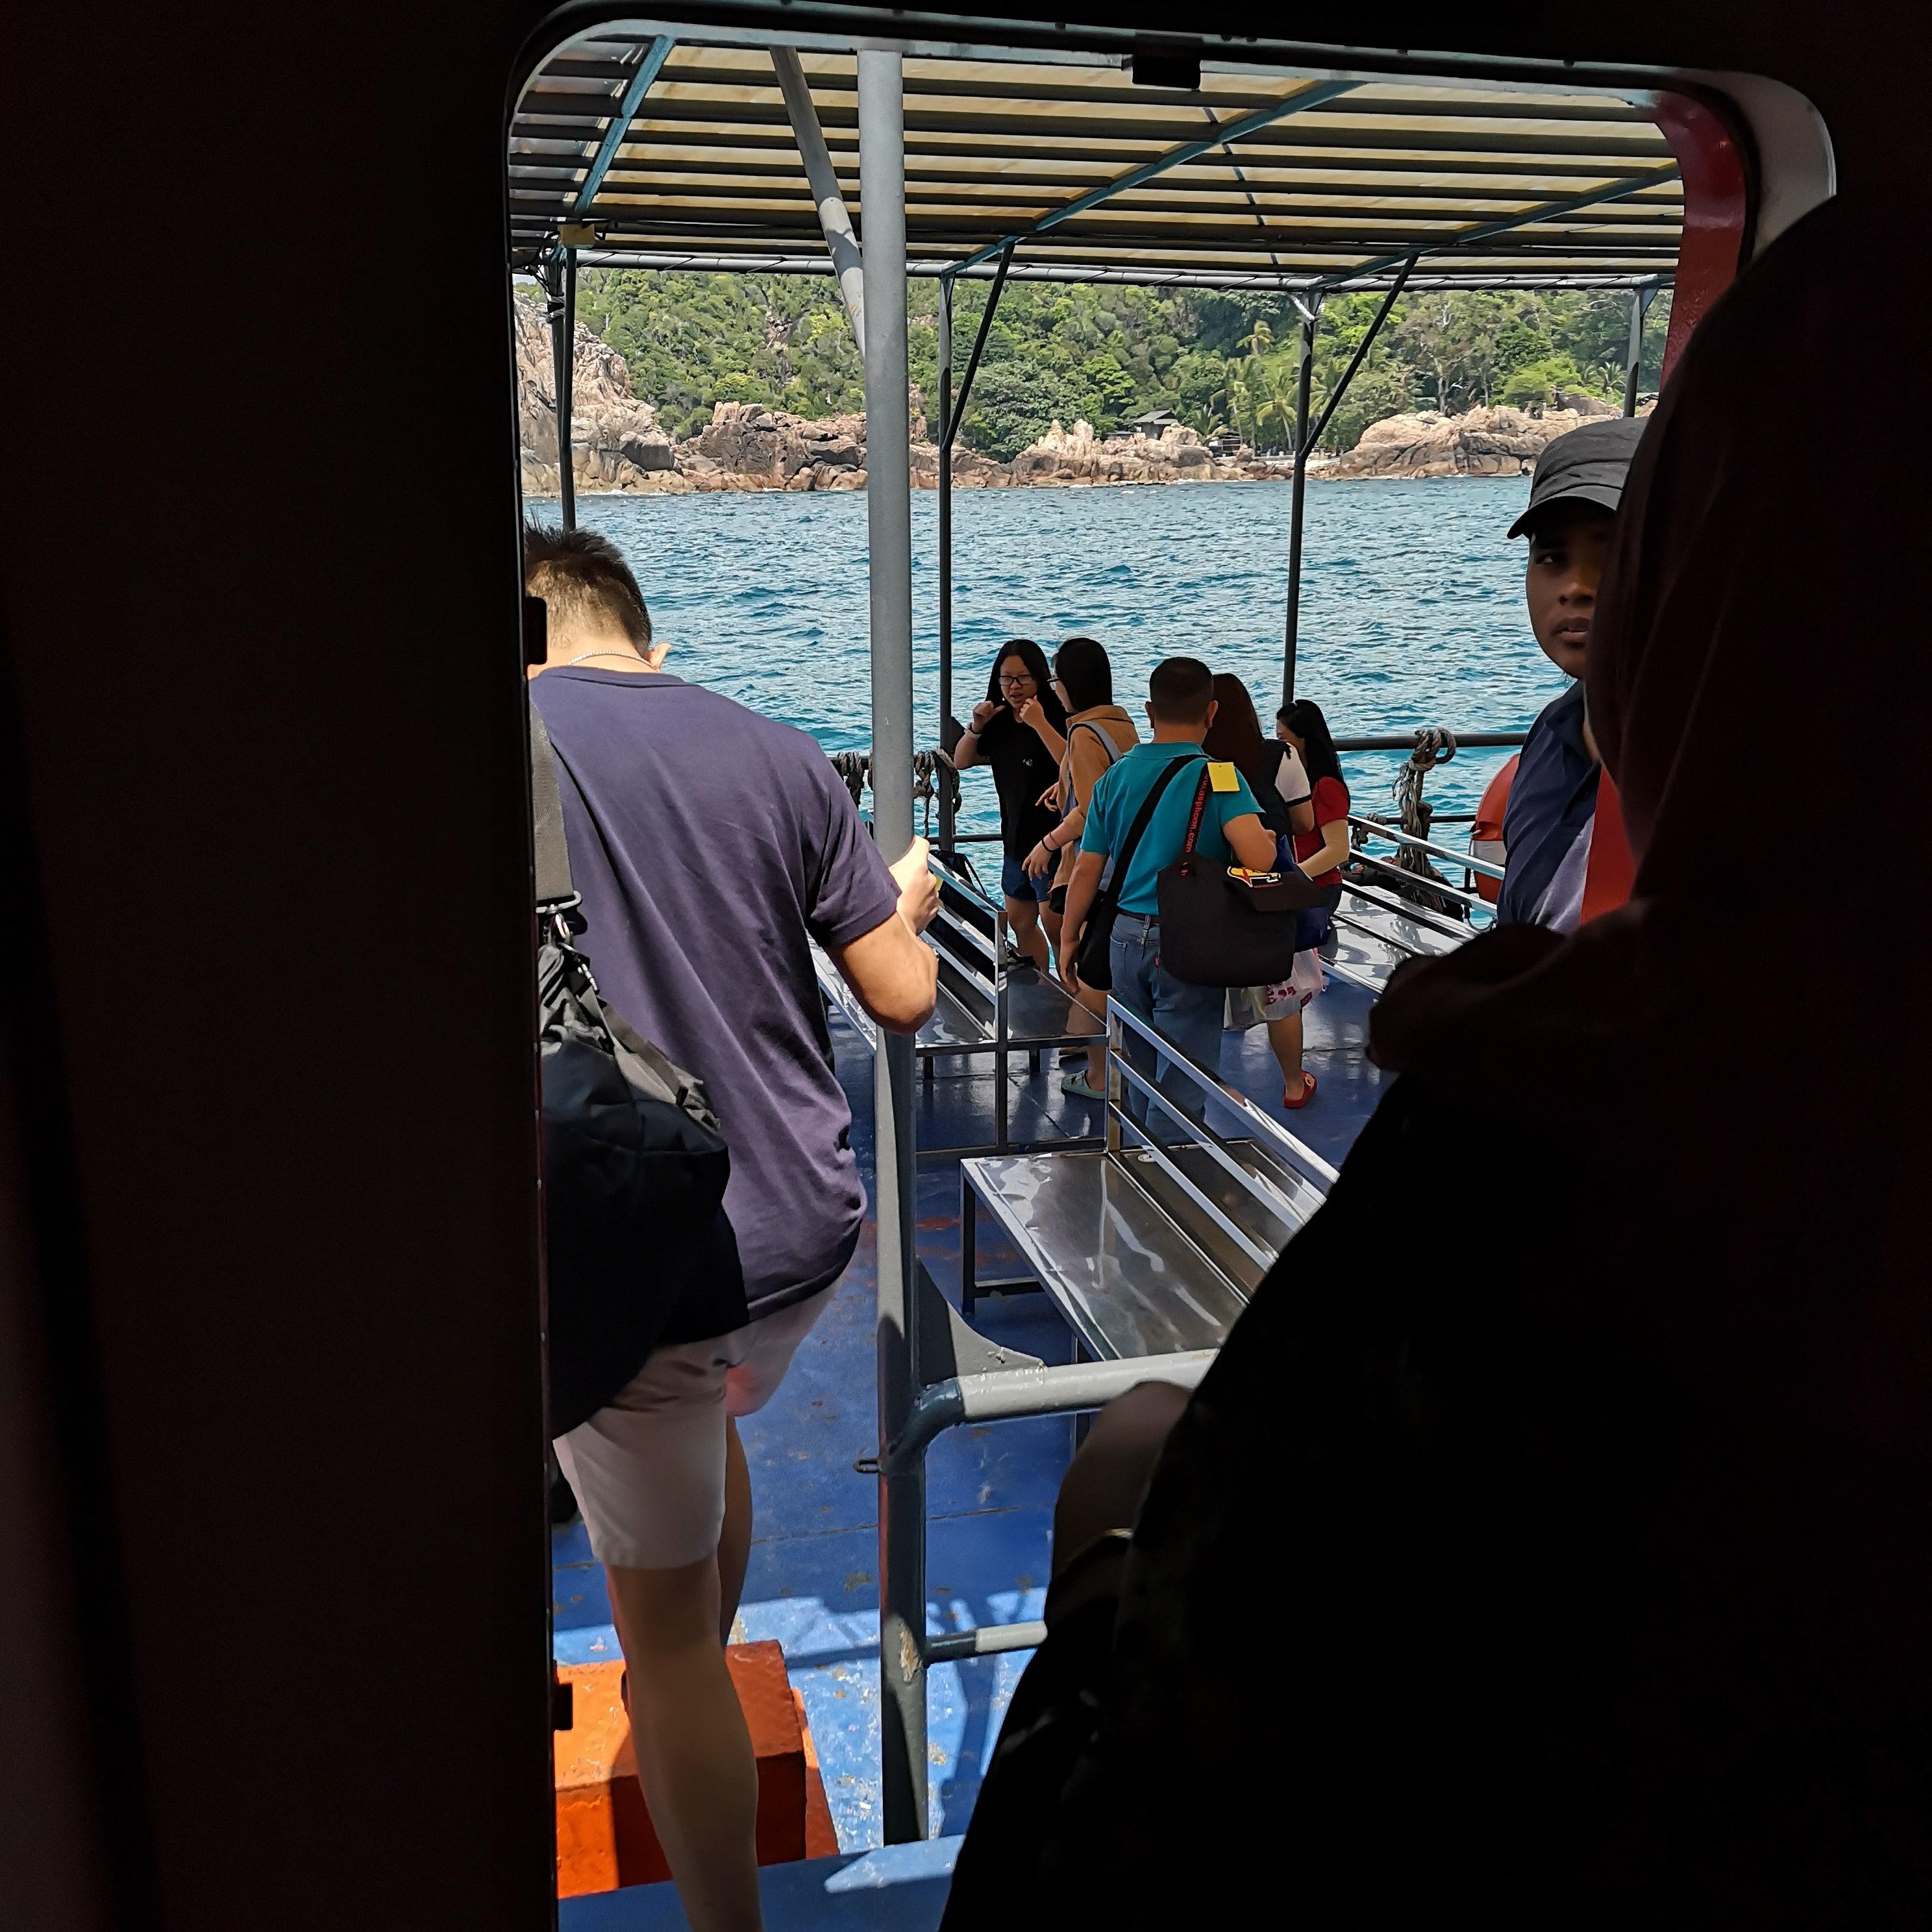 Shahbandar Ferry